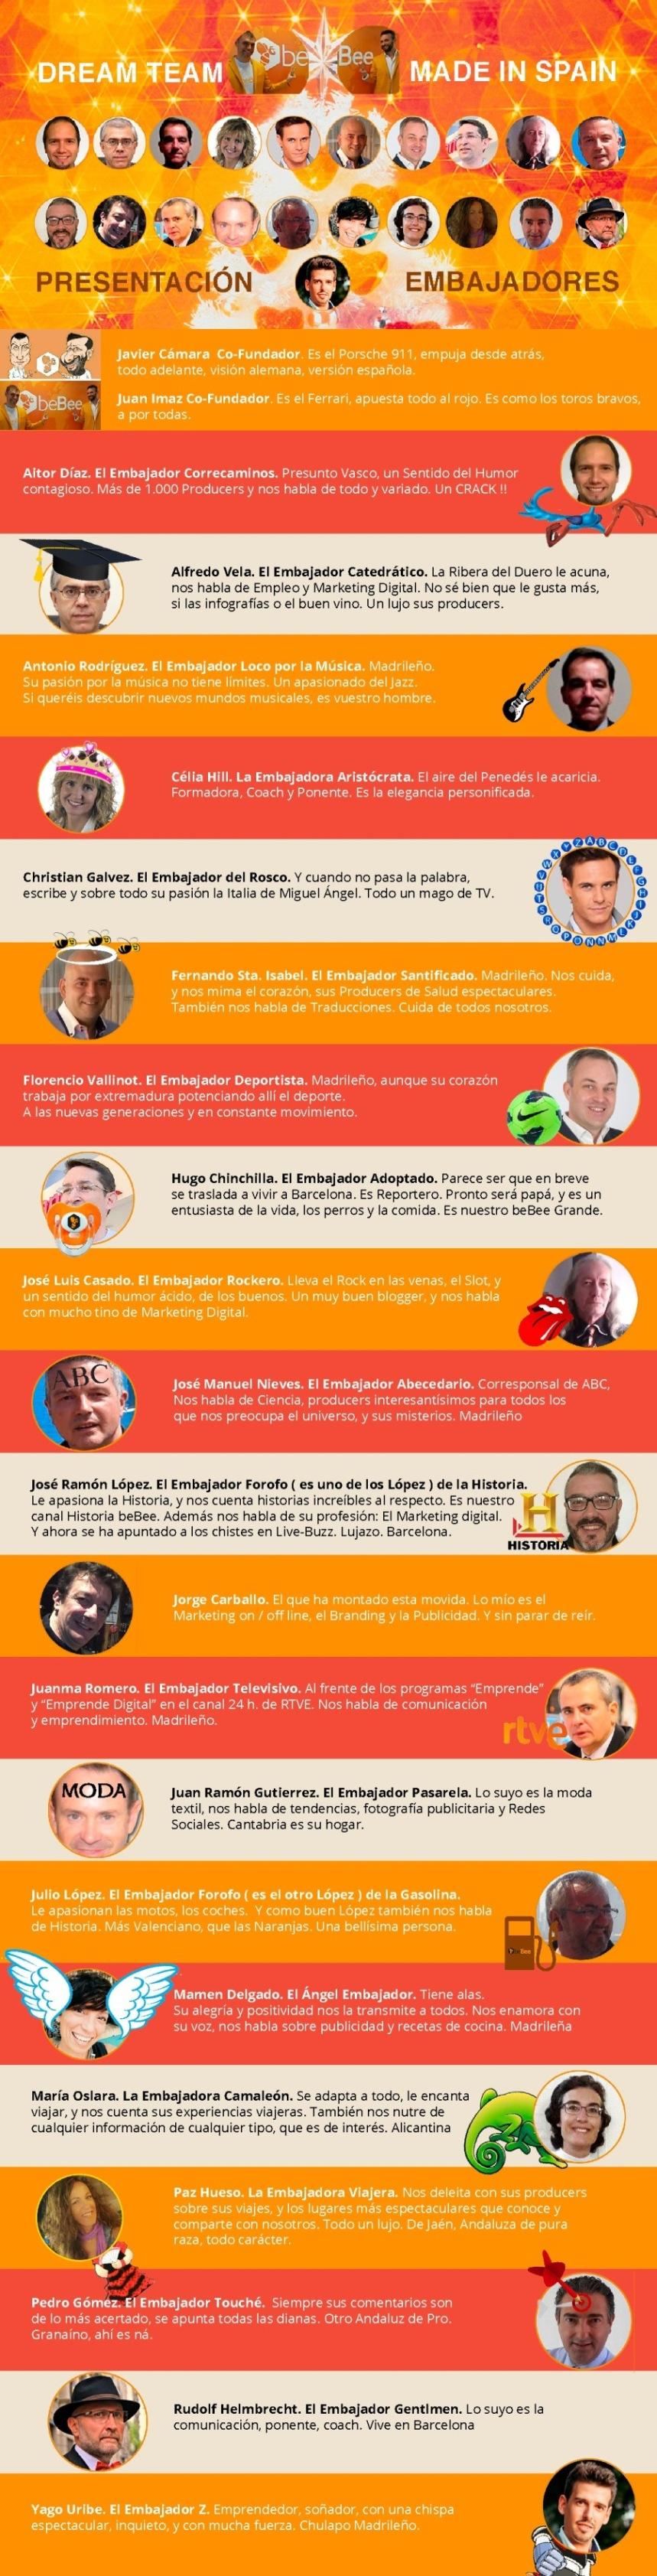 Embajadores de beBee Made in Spain